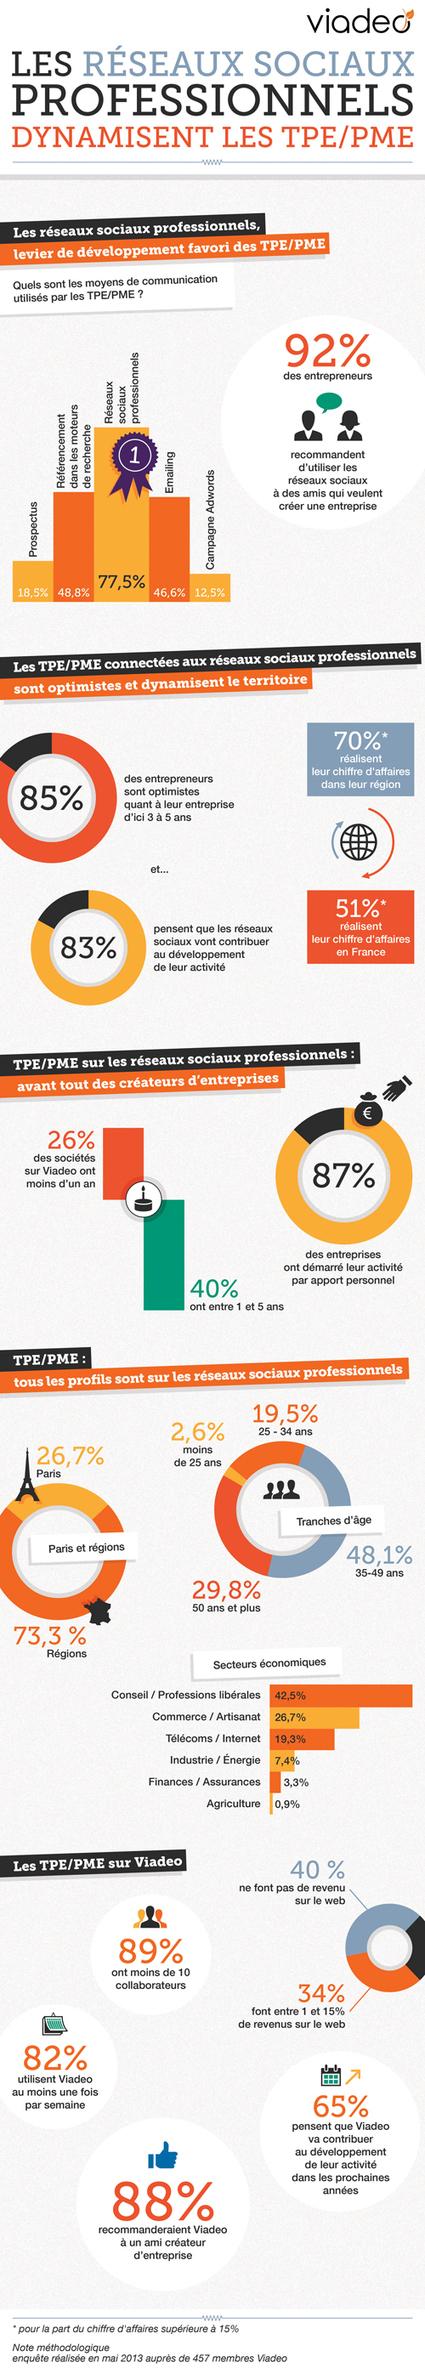 Etude Viadeo : les réseaux sociaux professionnels dynamisent les petites entreprises | Communication Digital x Media | Scoop.it